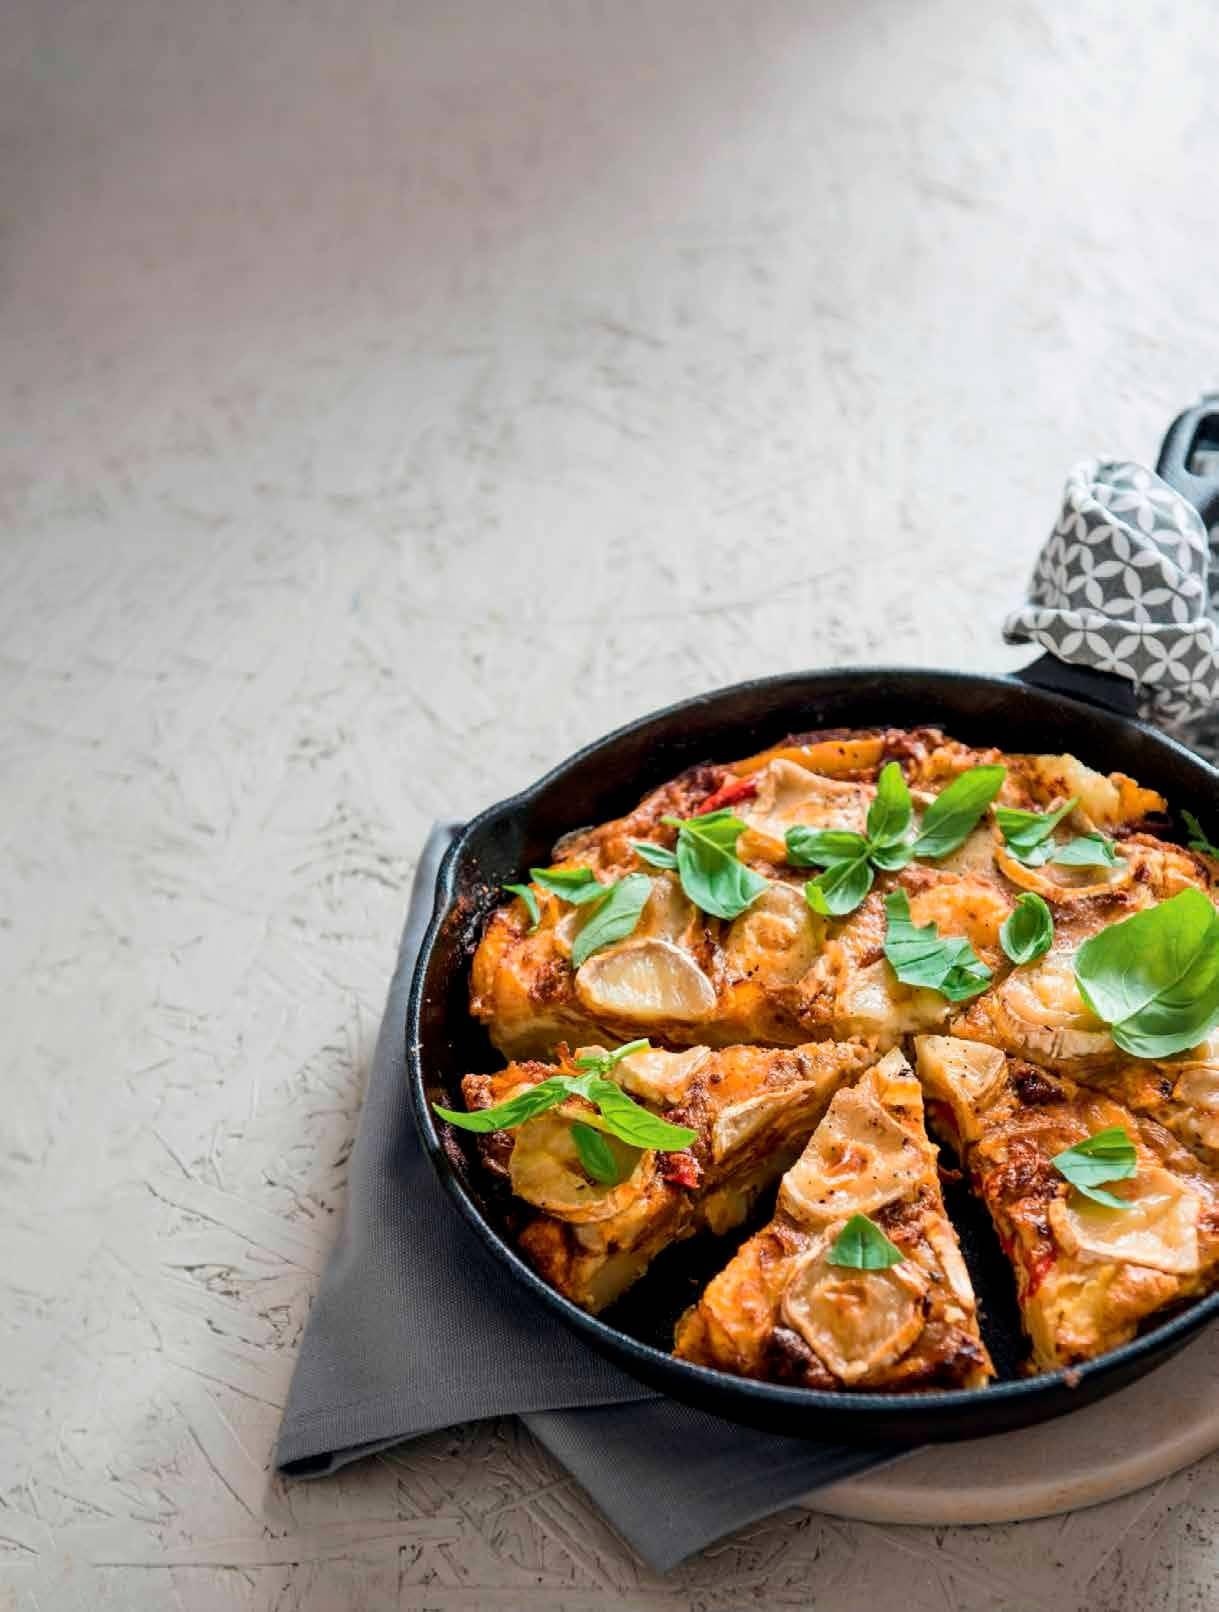 Cocina tu mismo – Tortilla española